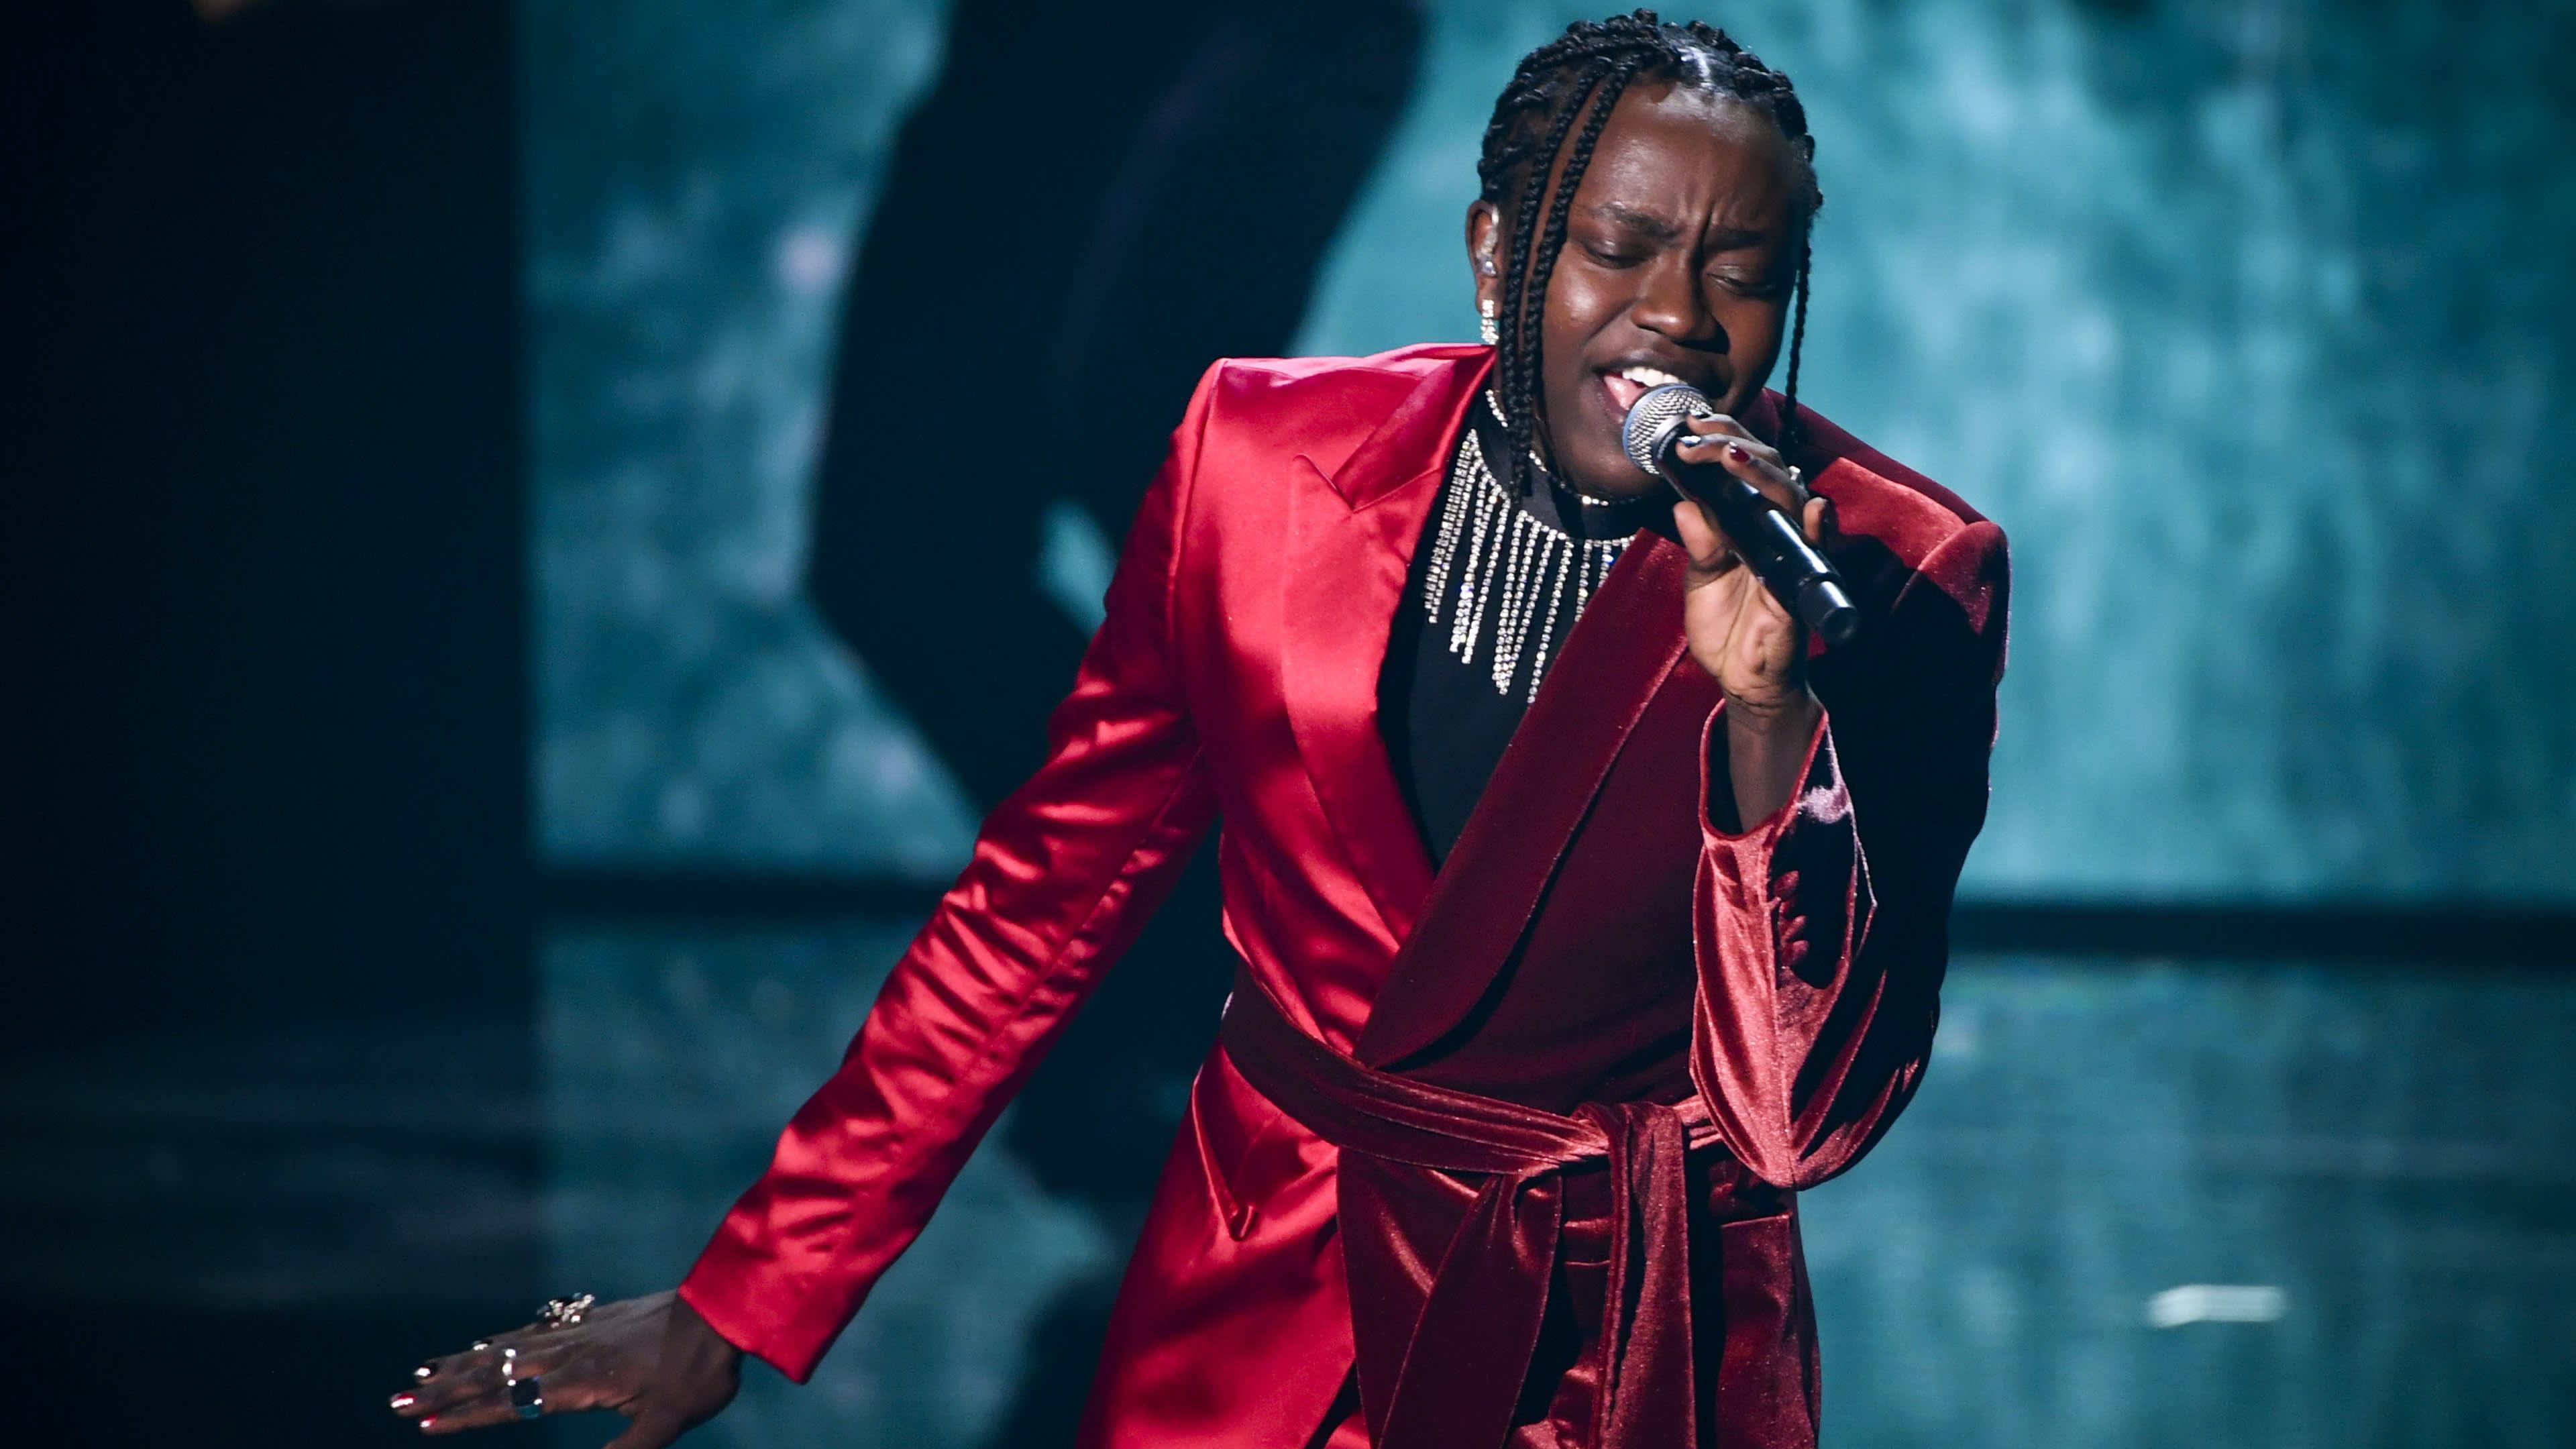 Ruotsalainen laulaja Tusse Chuza laulamassa